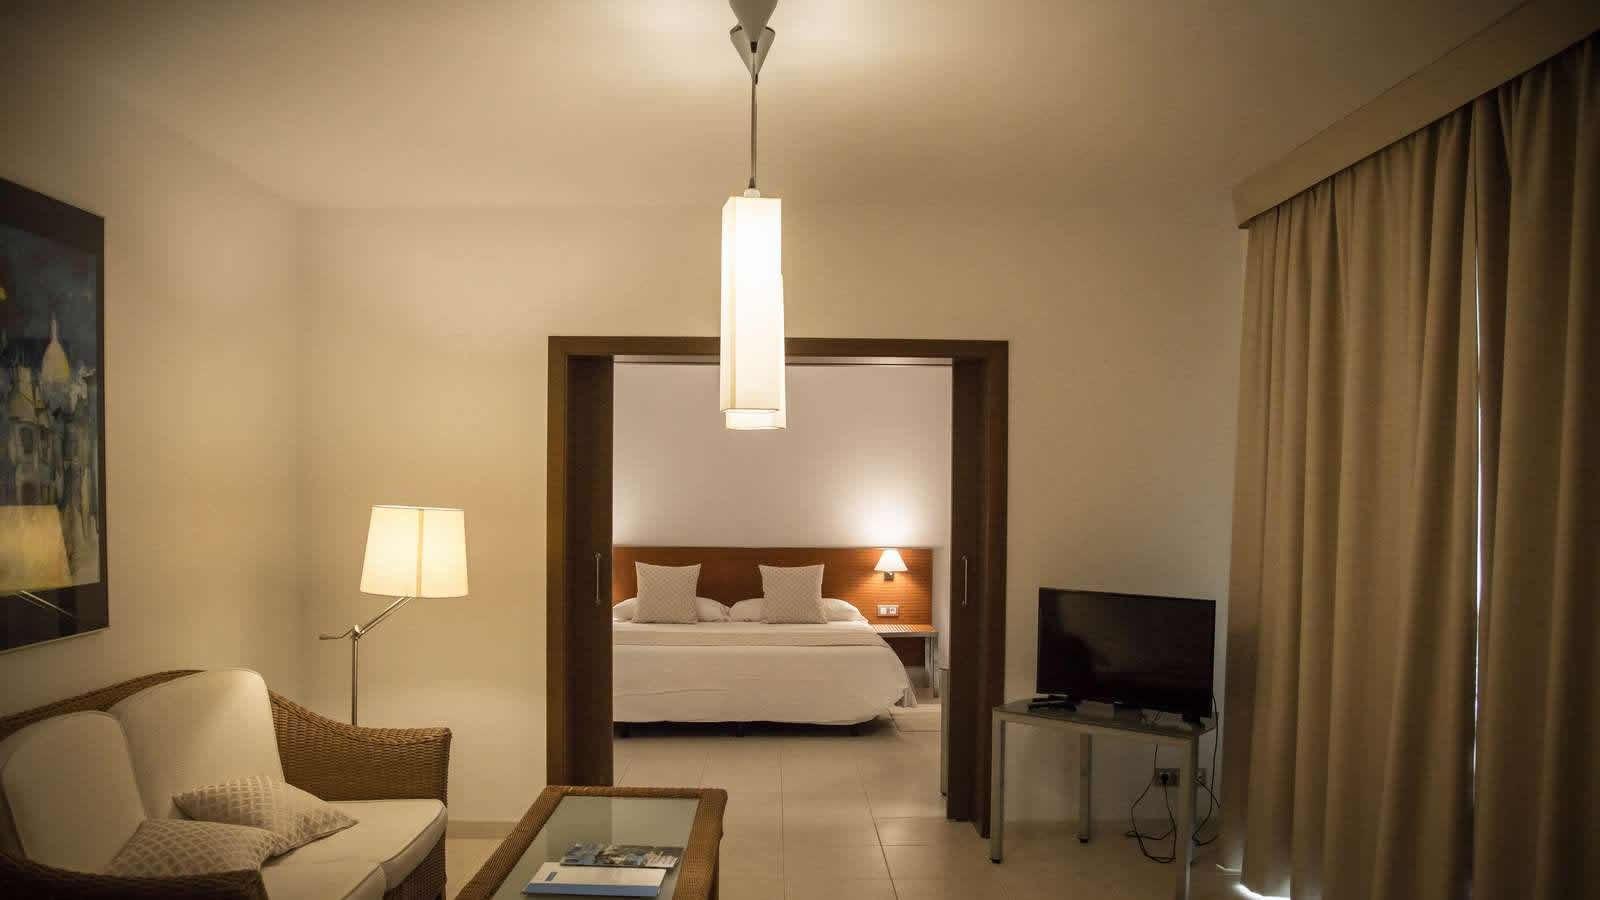 Habitación Suite Delta del Hotel Carlos Tercero en Alcanar - San Carlos de la Rápita - Delta del Ebro